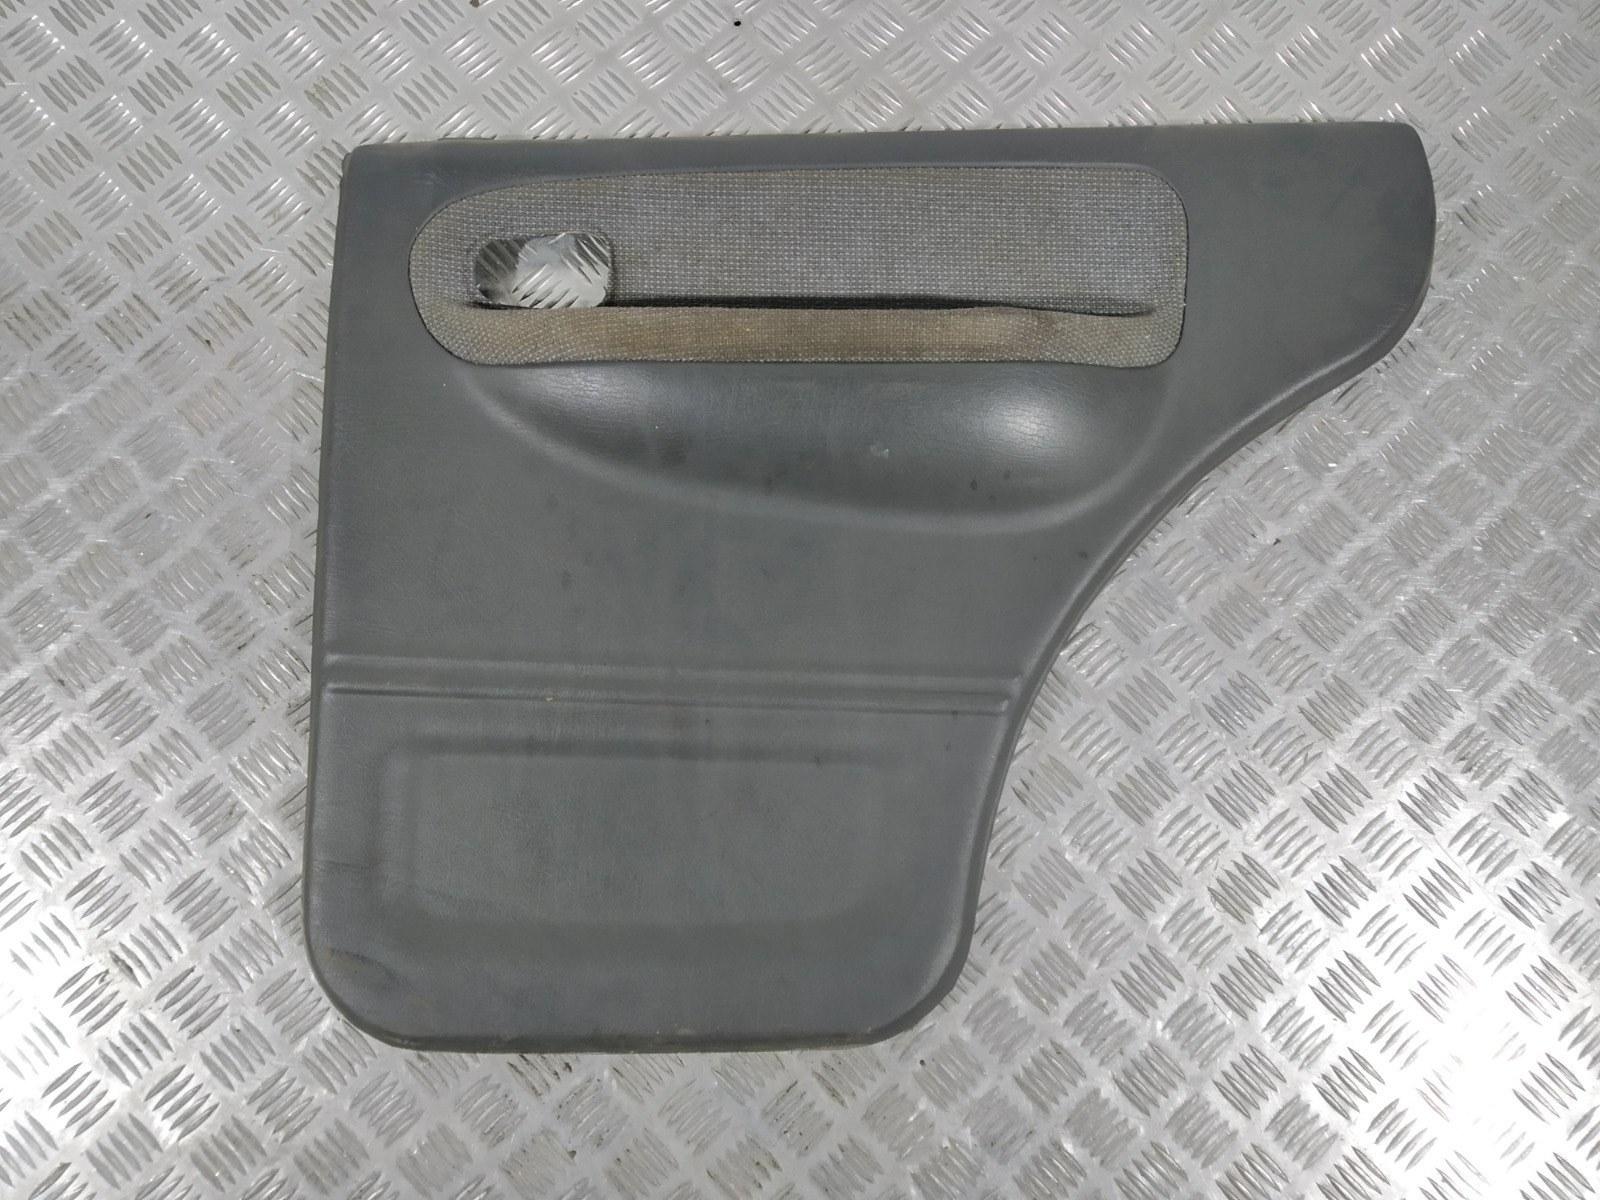 Обшивка двери задней правой (дверная карта) Kia Sportage 2.0 I 2003 (б/у)